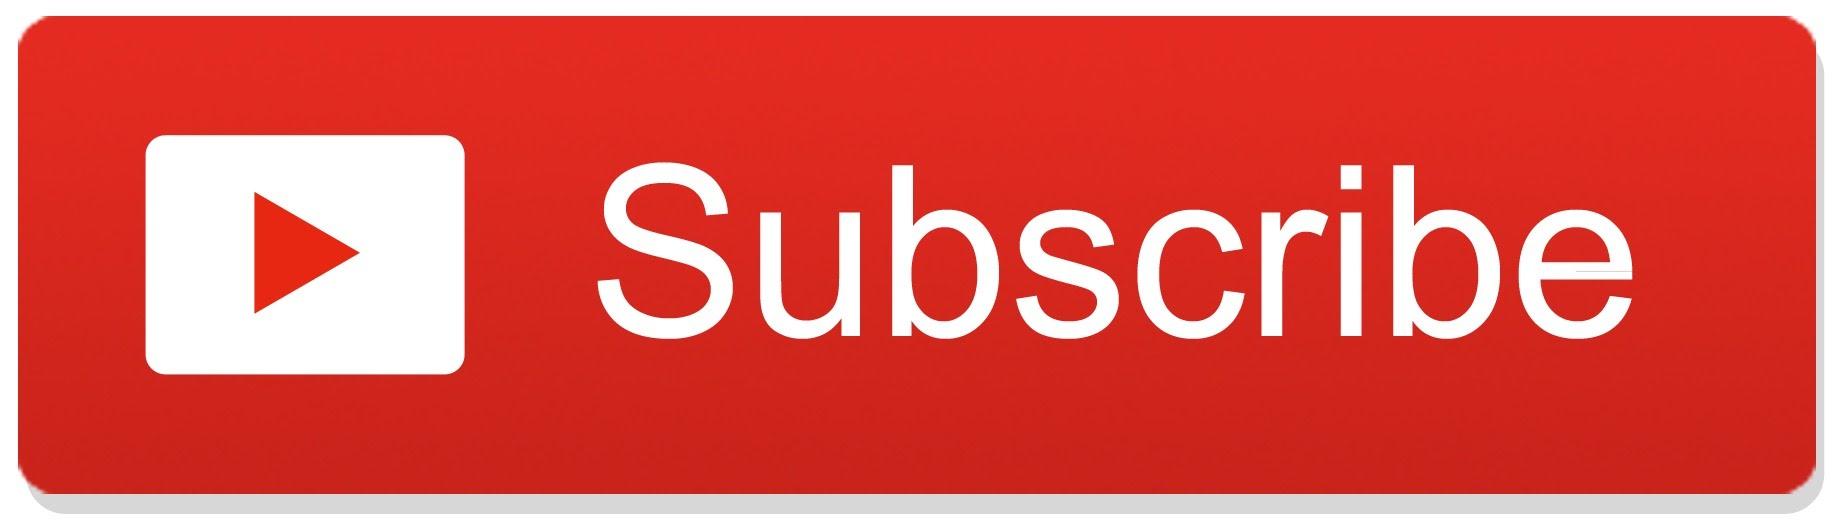 YoutubeSubscribe.jpg